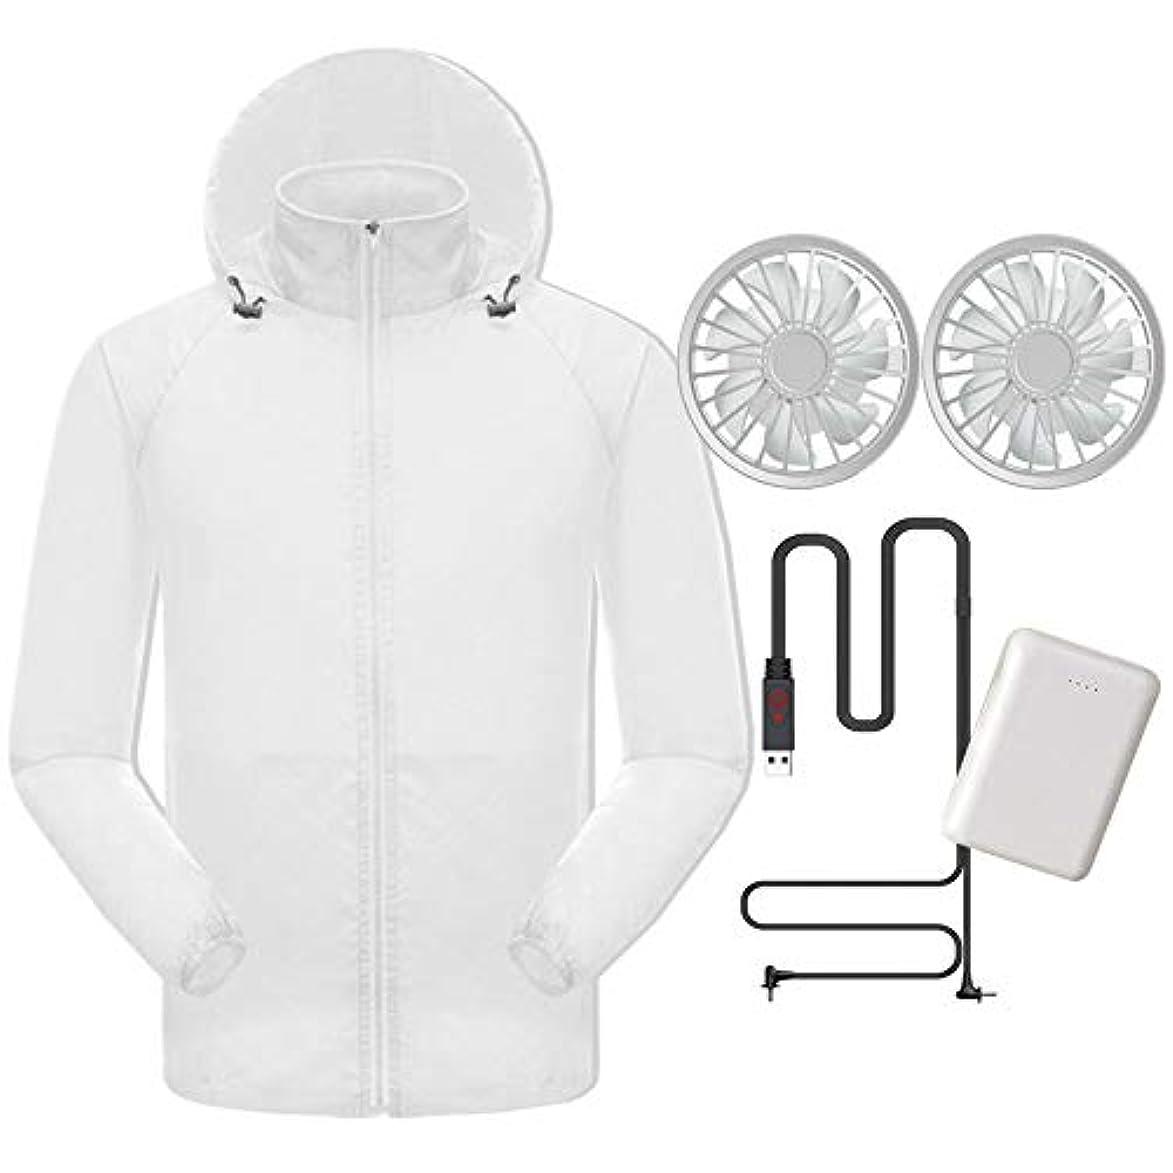 揺れるからに変化するカプセル夏のスマート冷たい服日焼け止め衣類肌の服男性と女性のアンチスプラッシュ釣り服ファンエアコン衣料品(充電宝物が含まれています),White,XXL